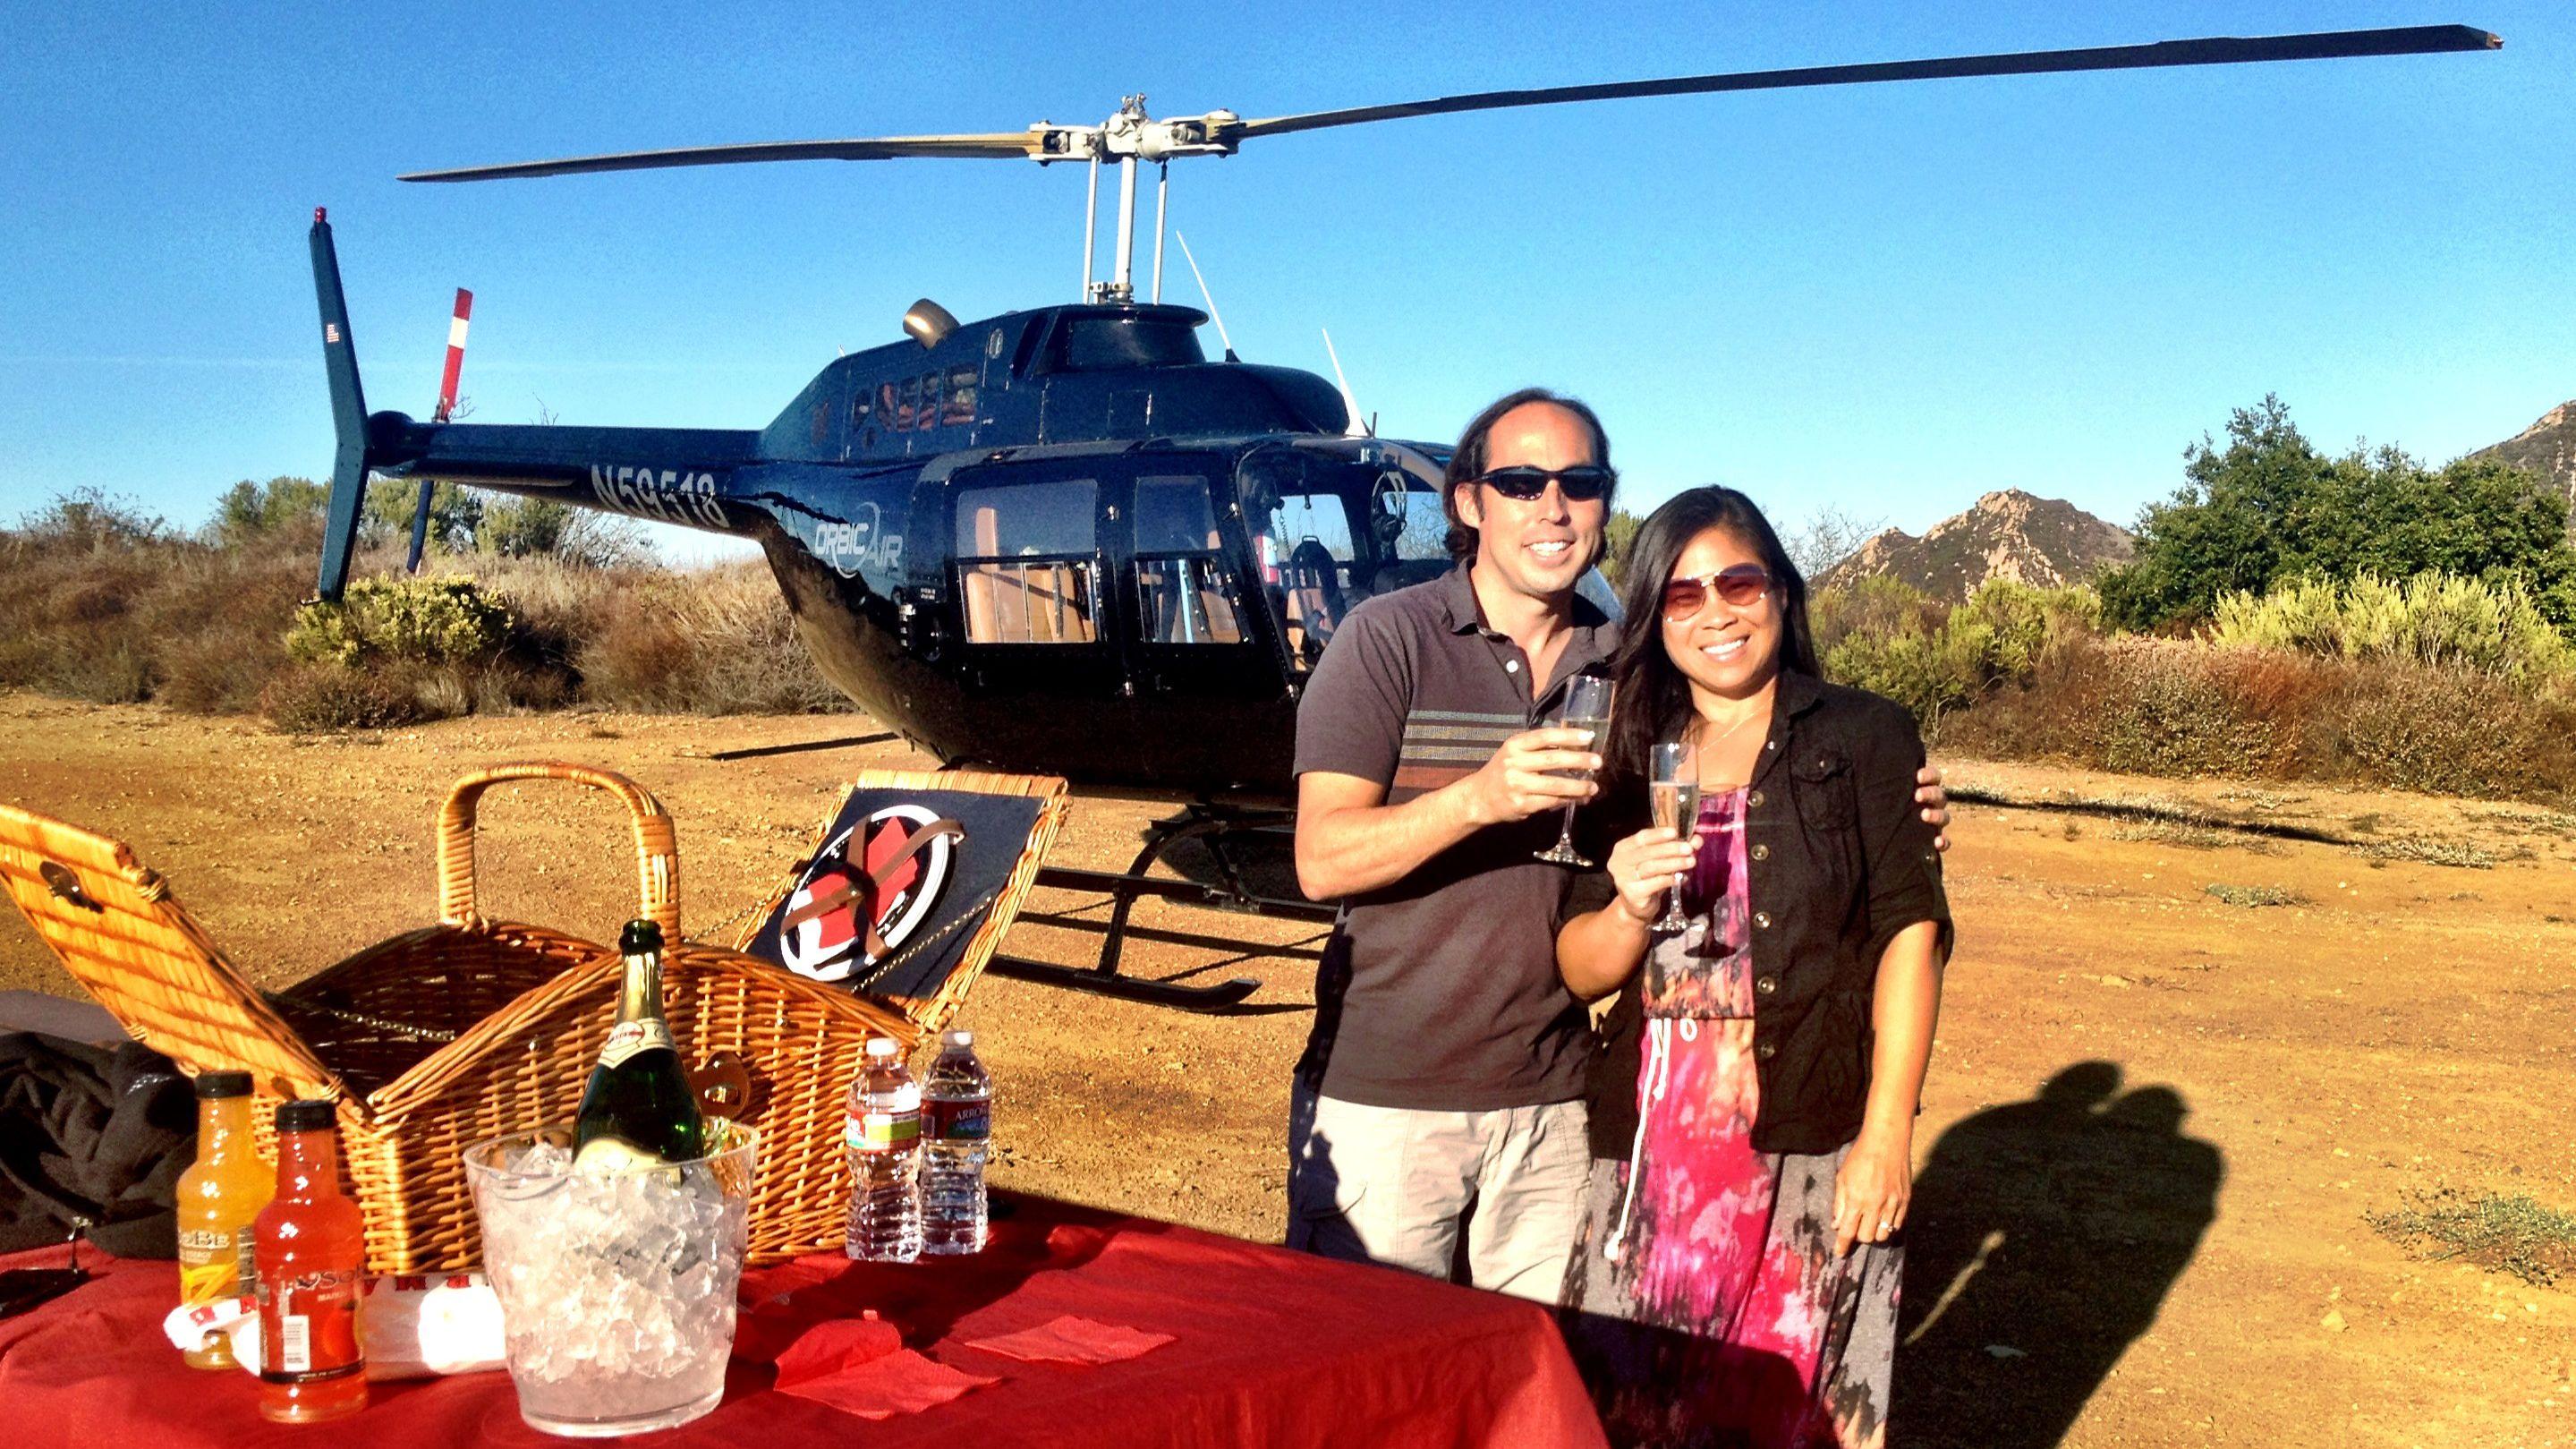 Hubschrauberflug mit exklusiver Berglandung